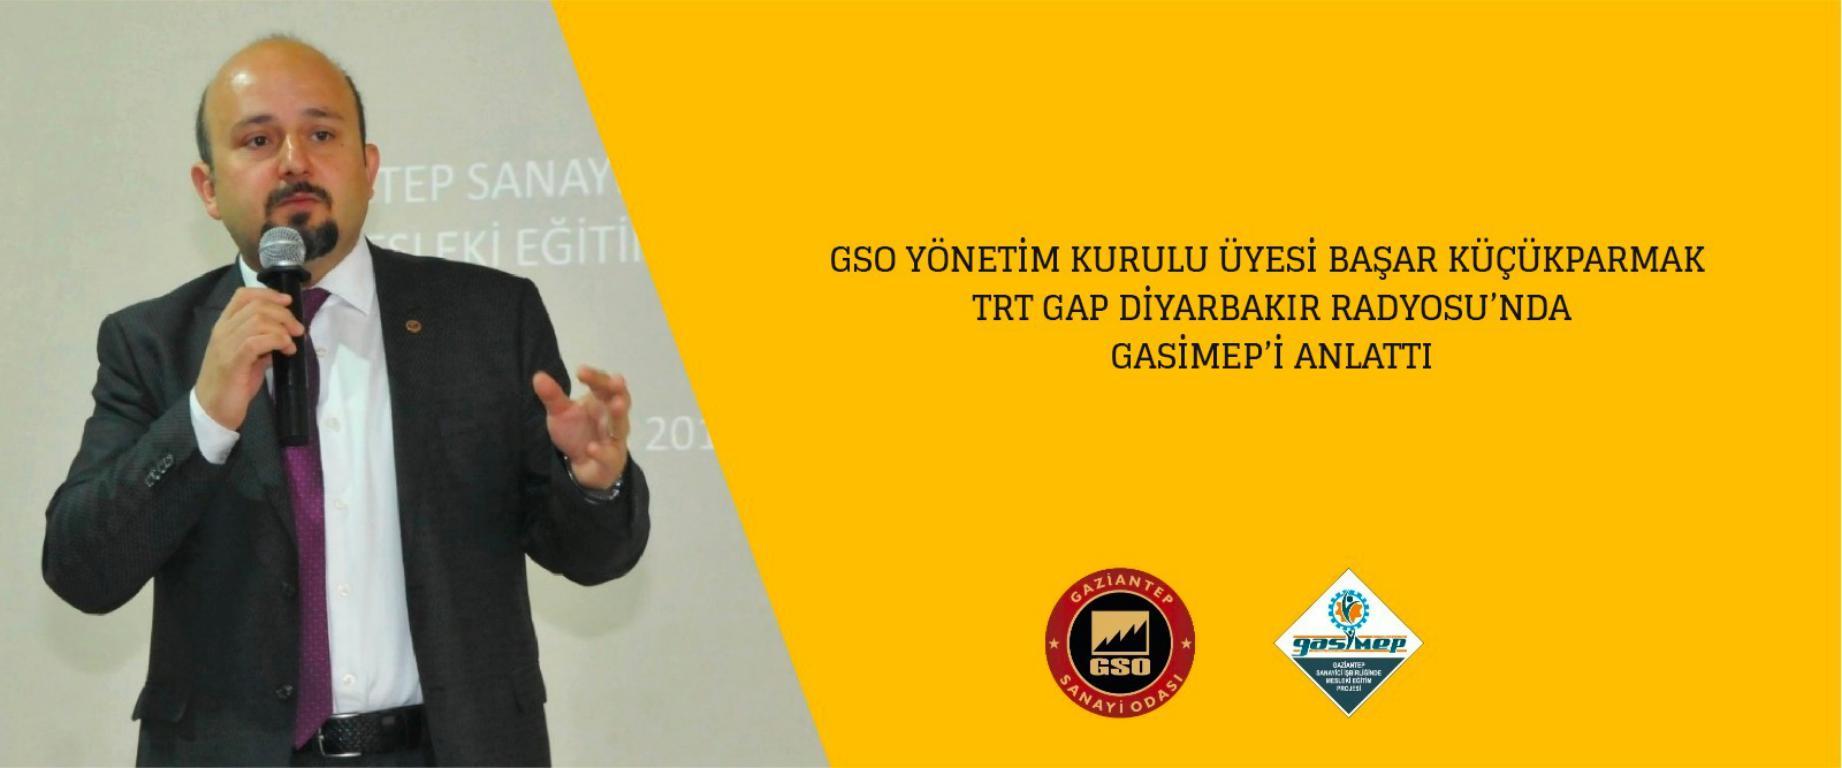 GSO Yönetim Kurulu üyesi Başar Küçükparmak TRT Radyosu'nda GASİMEP'i anlattı.